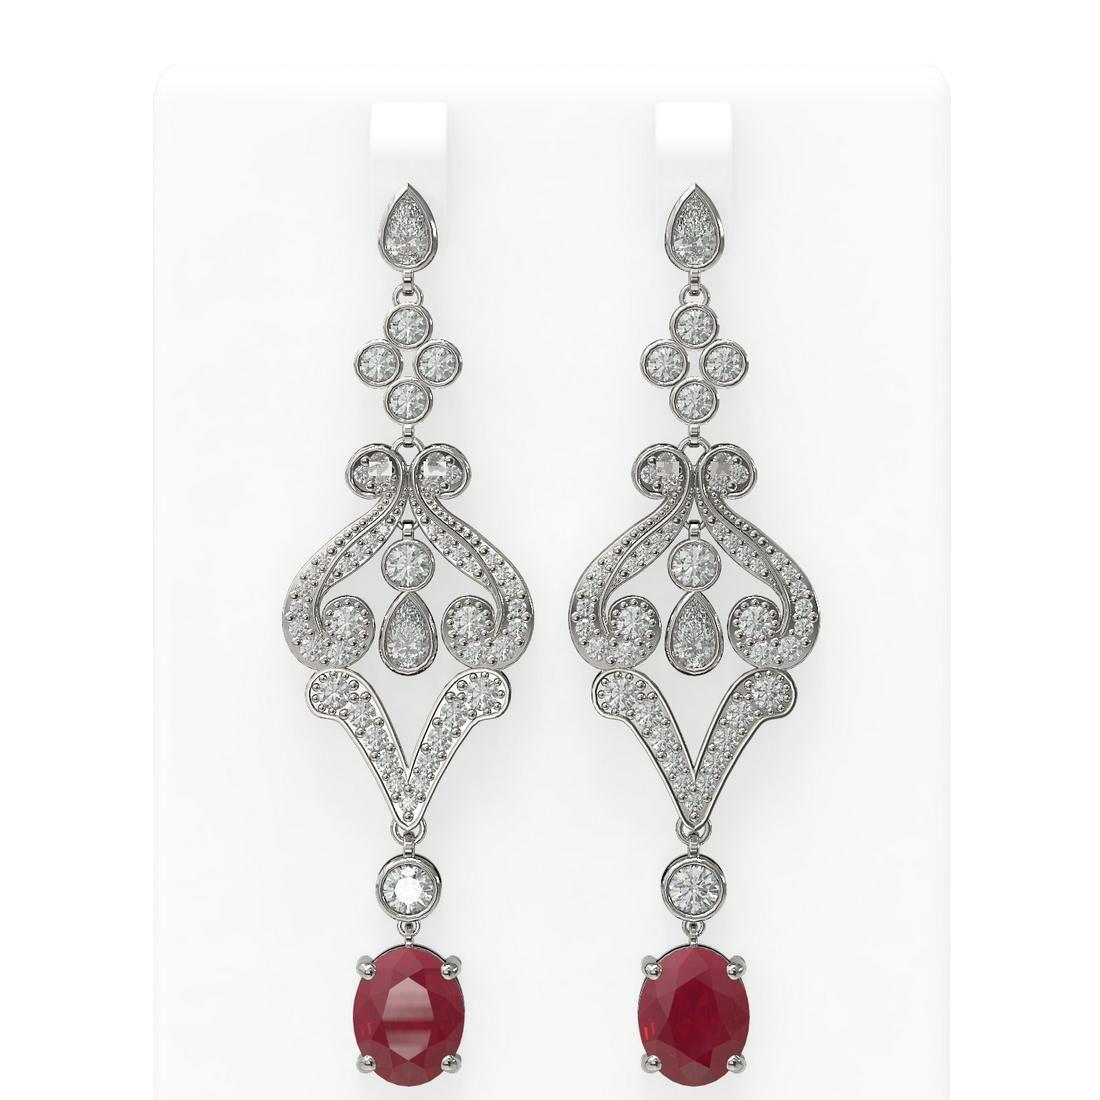 11.15 ctw Ruby & Diamond Earrings 18K White Gold -